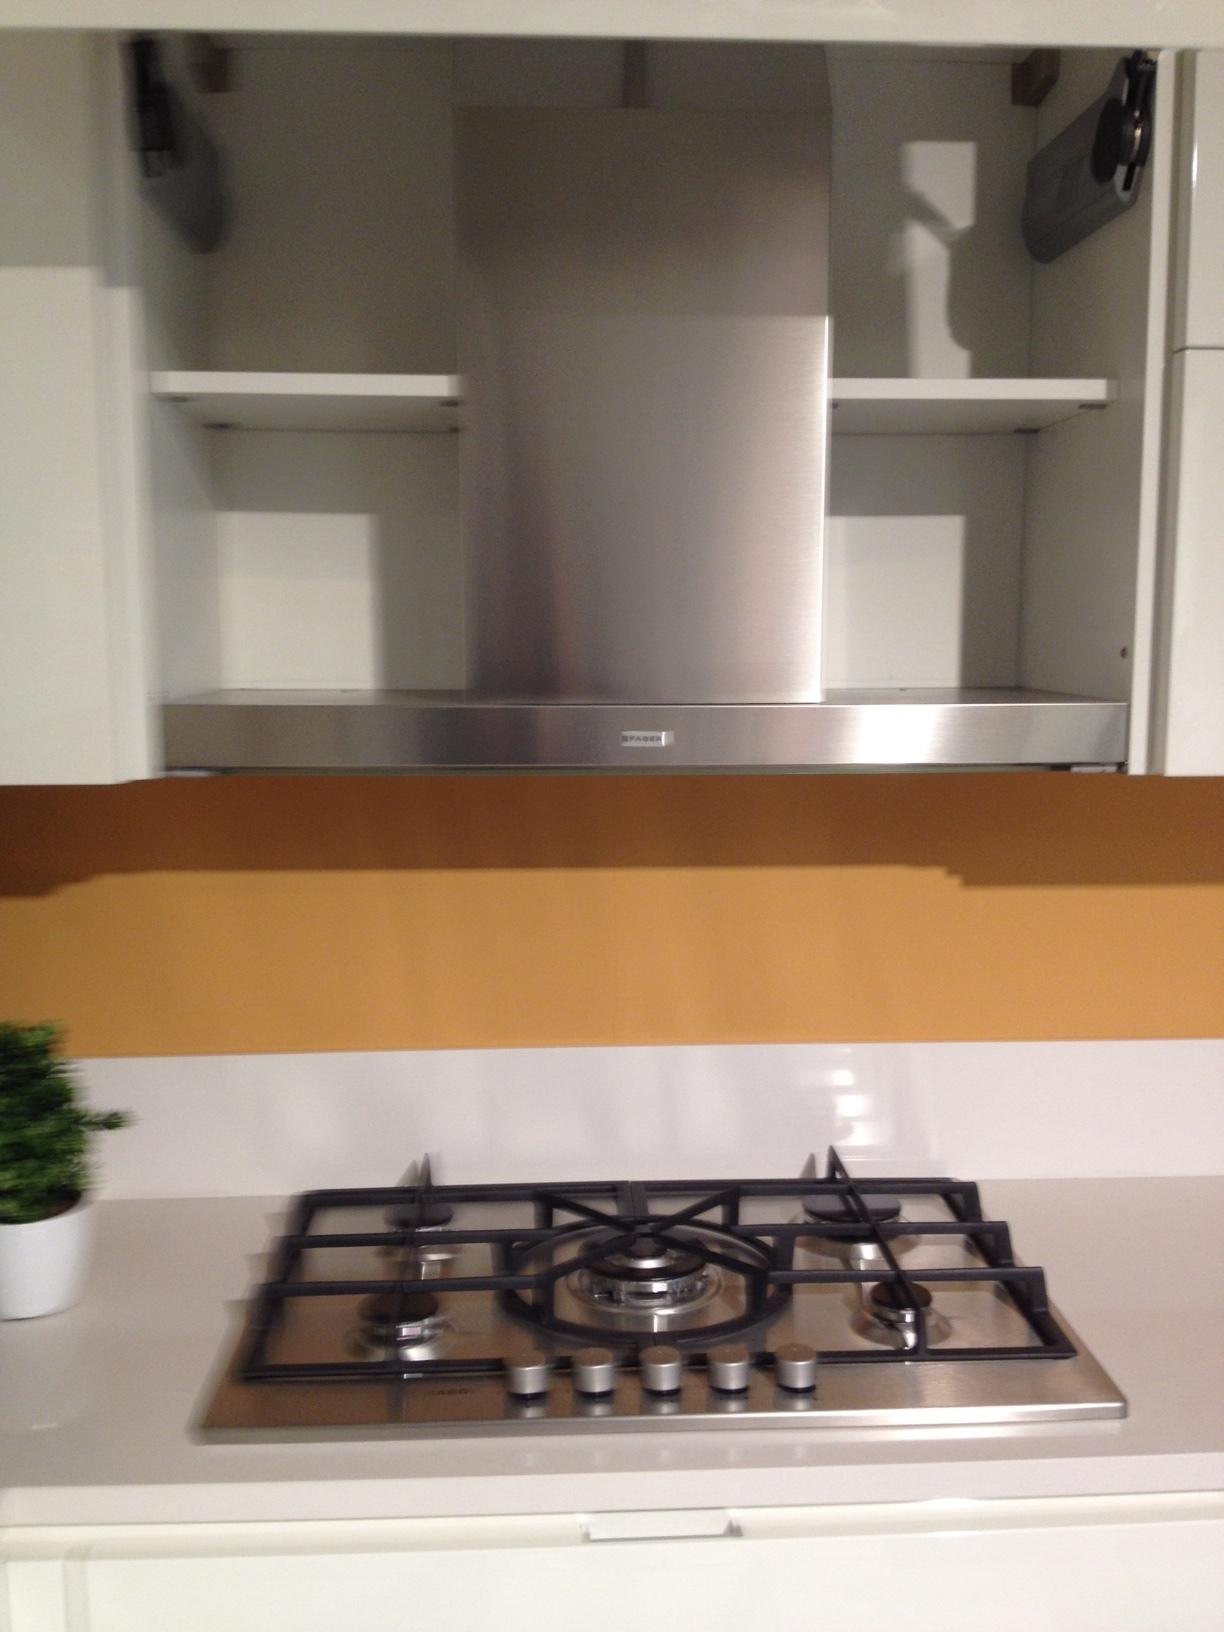 Stunning Cucina Scenery Scavolini Prezzo Gallery - Home Interior ...